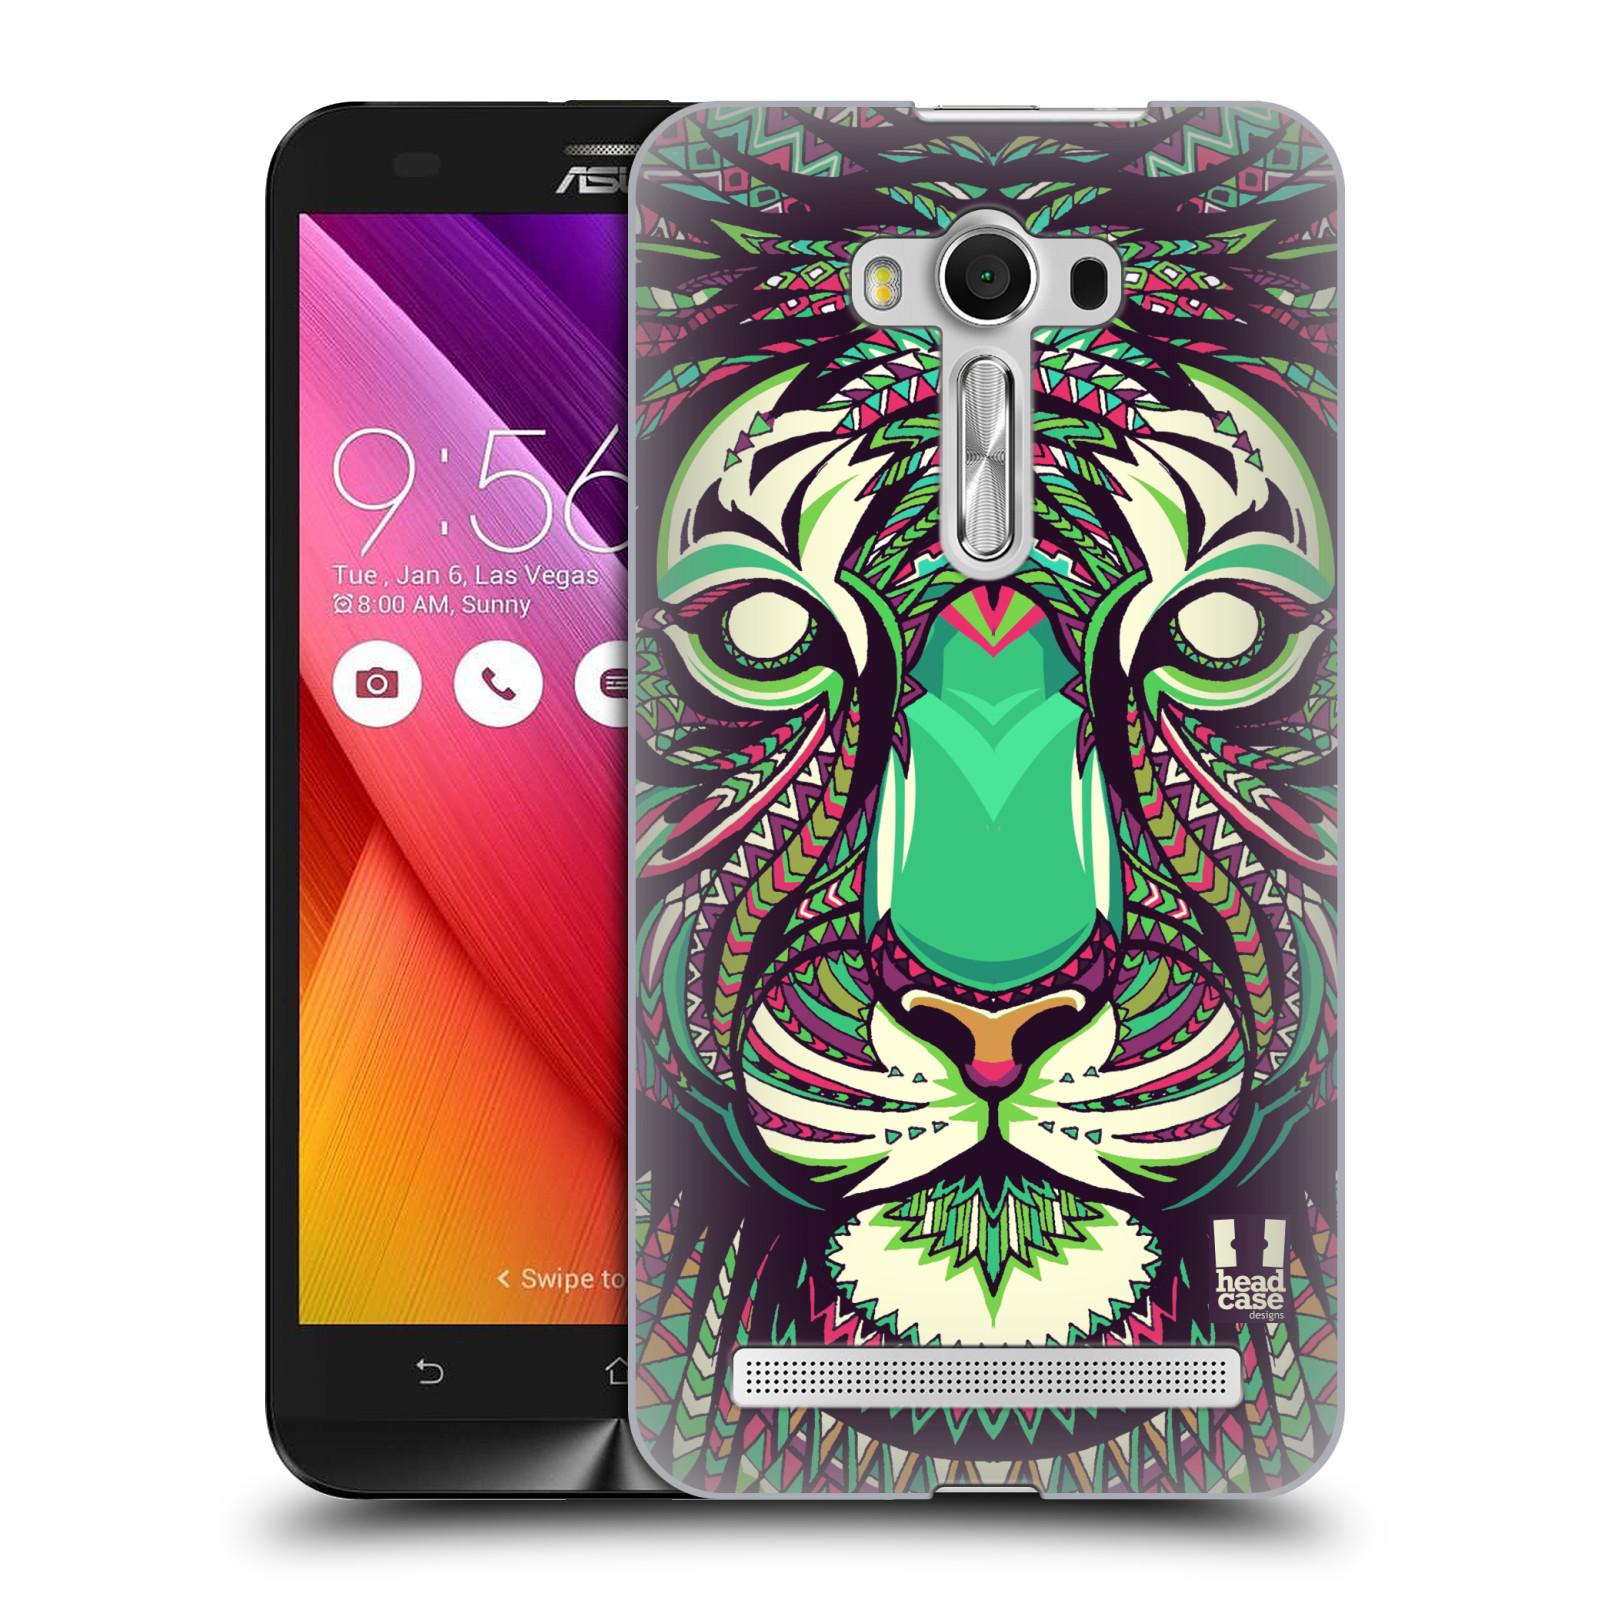 HEAD CASE plastový obal na mobil Asus Zenfone 2 LASER (5,5 displej ZE550KL) vzor Aztécký motiv zvíře 2 tygr